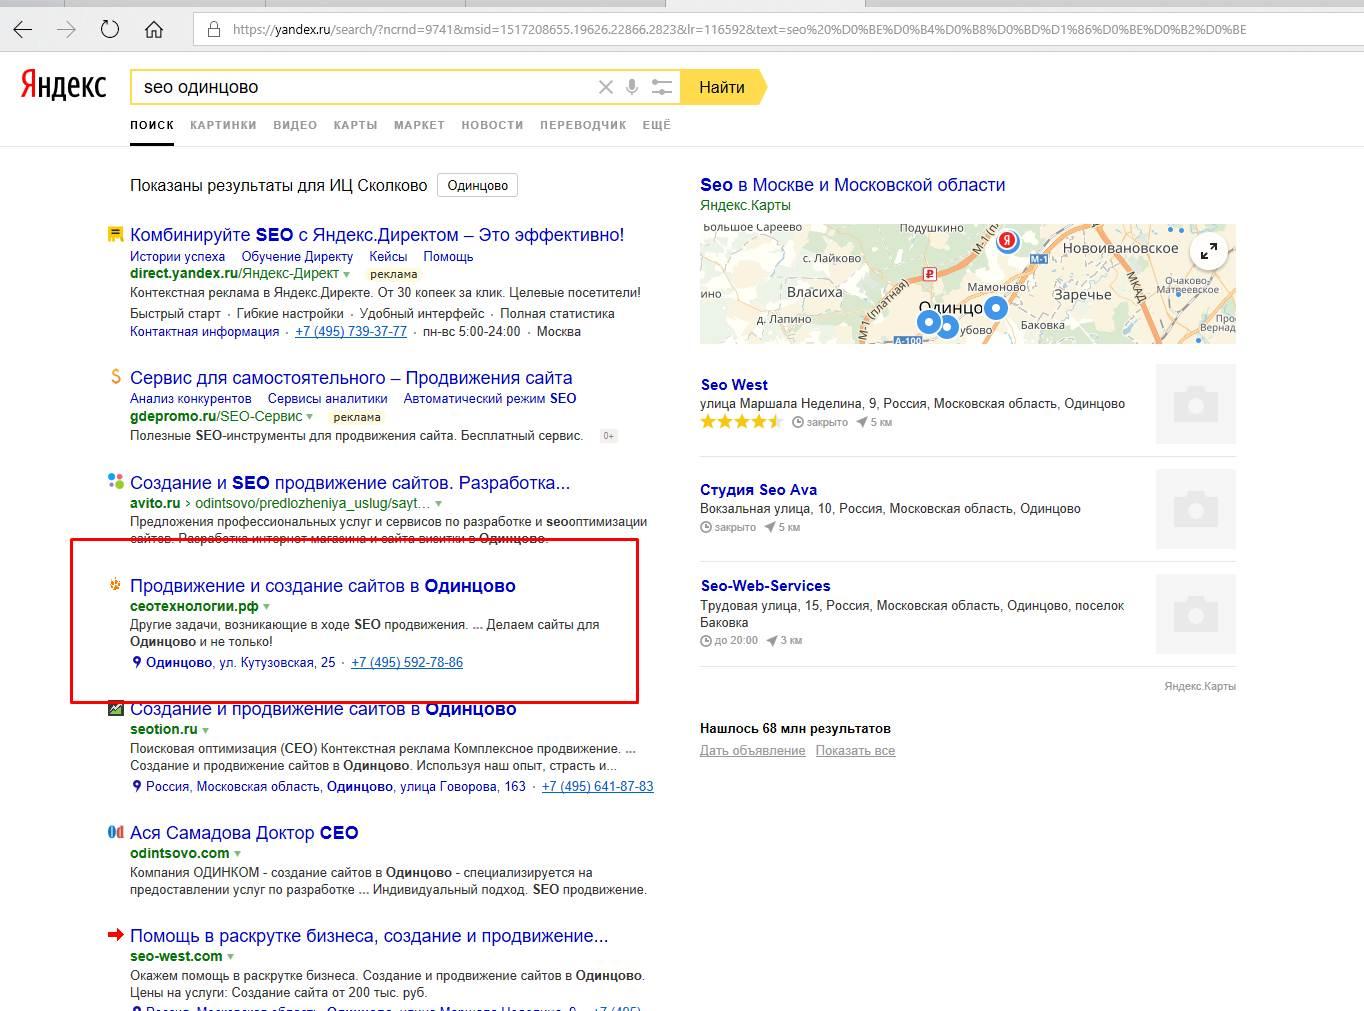 Продвижение сайта по позициям в Яндексе потеряло смысл